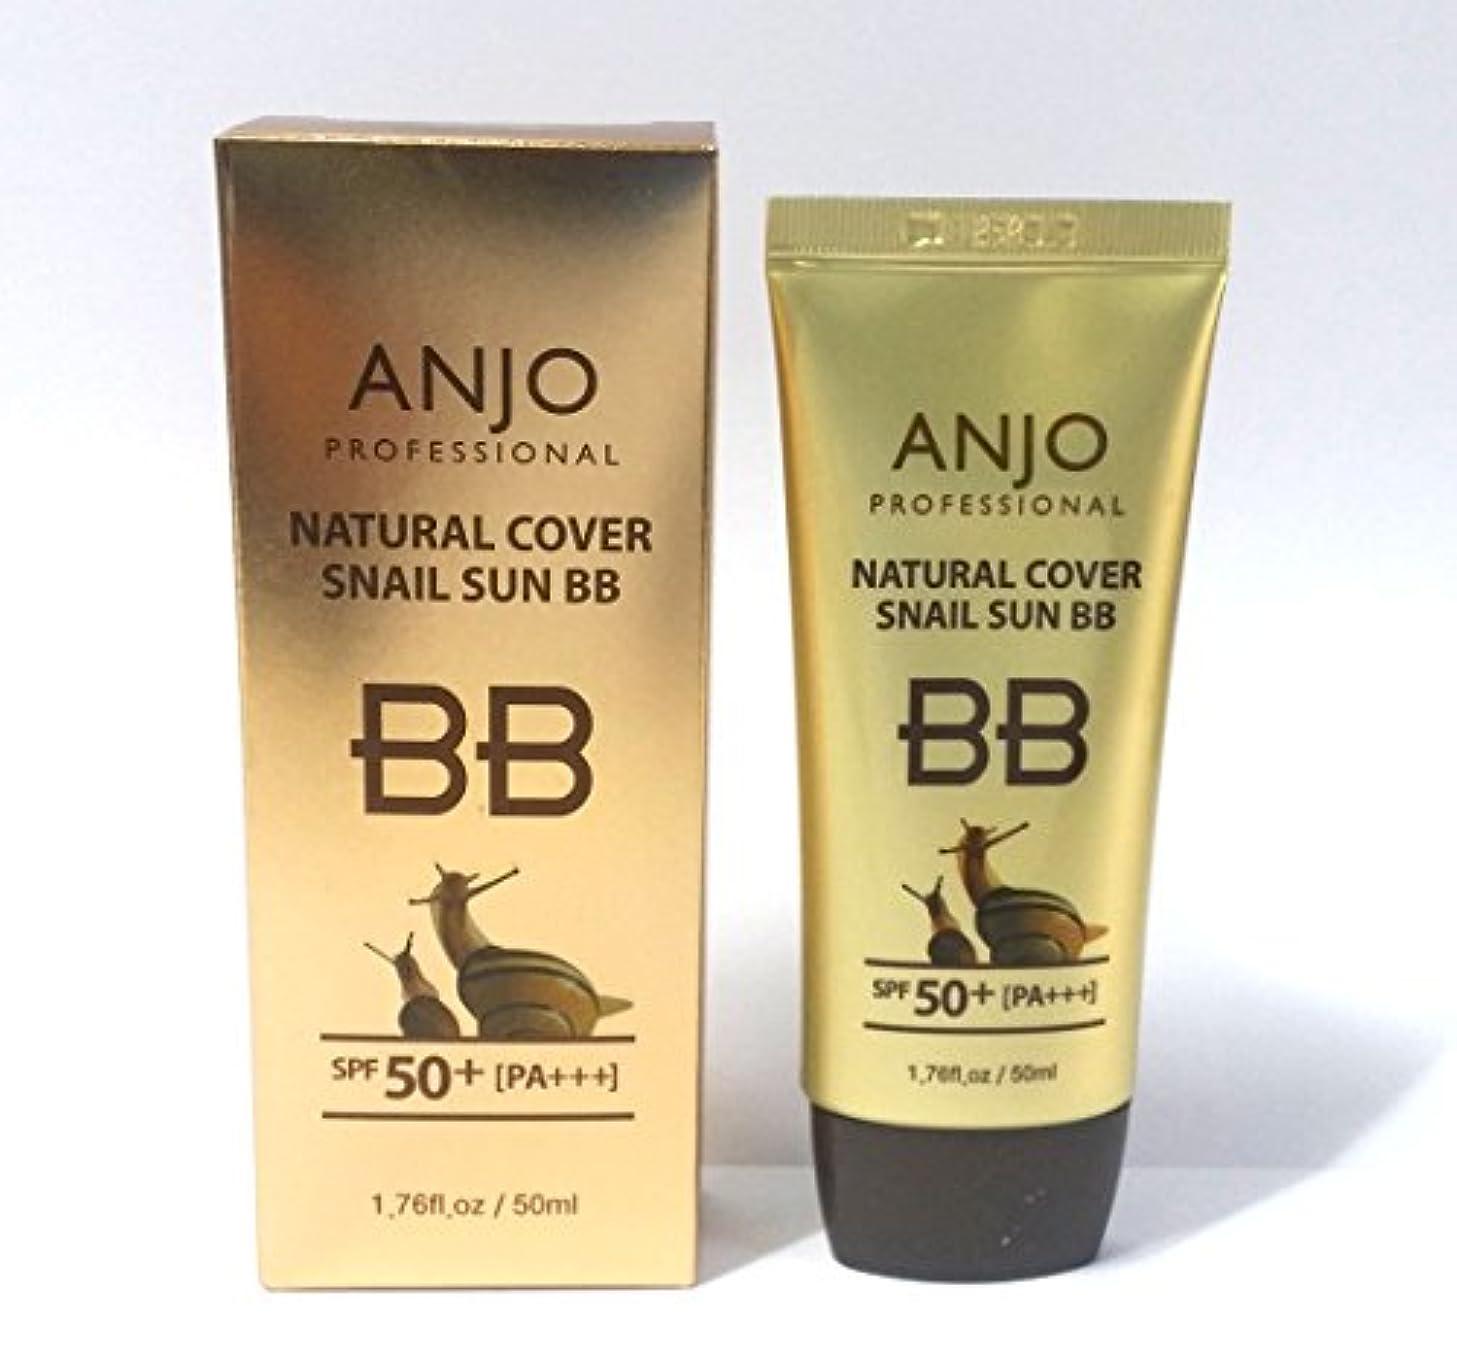 送料注入亡命[ANJO] ナチュラルカバーカタツムリサンBBクリームSPF 50 + PA +++ 50ml X 6EA /メイクアップベース/カタツムリ粘液 / Natural Cover Snail Sun BB Cream SPF...